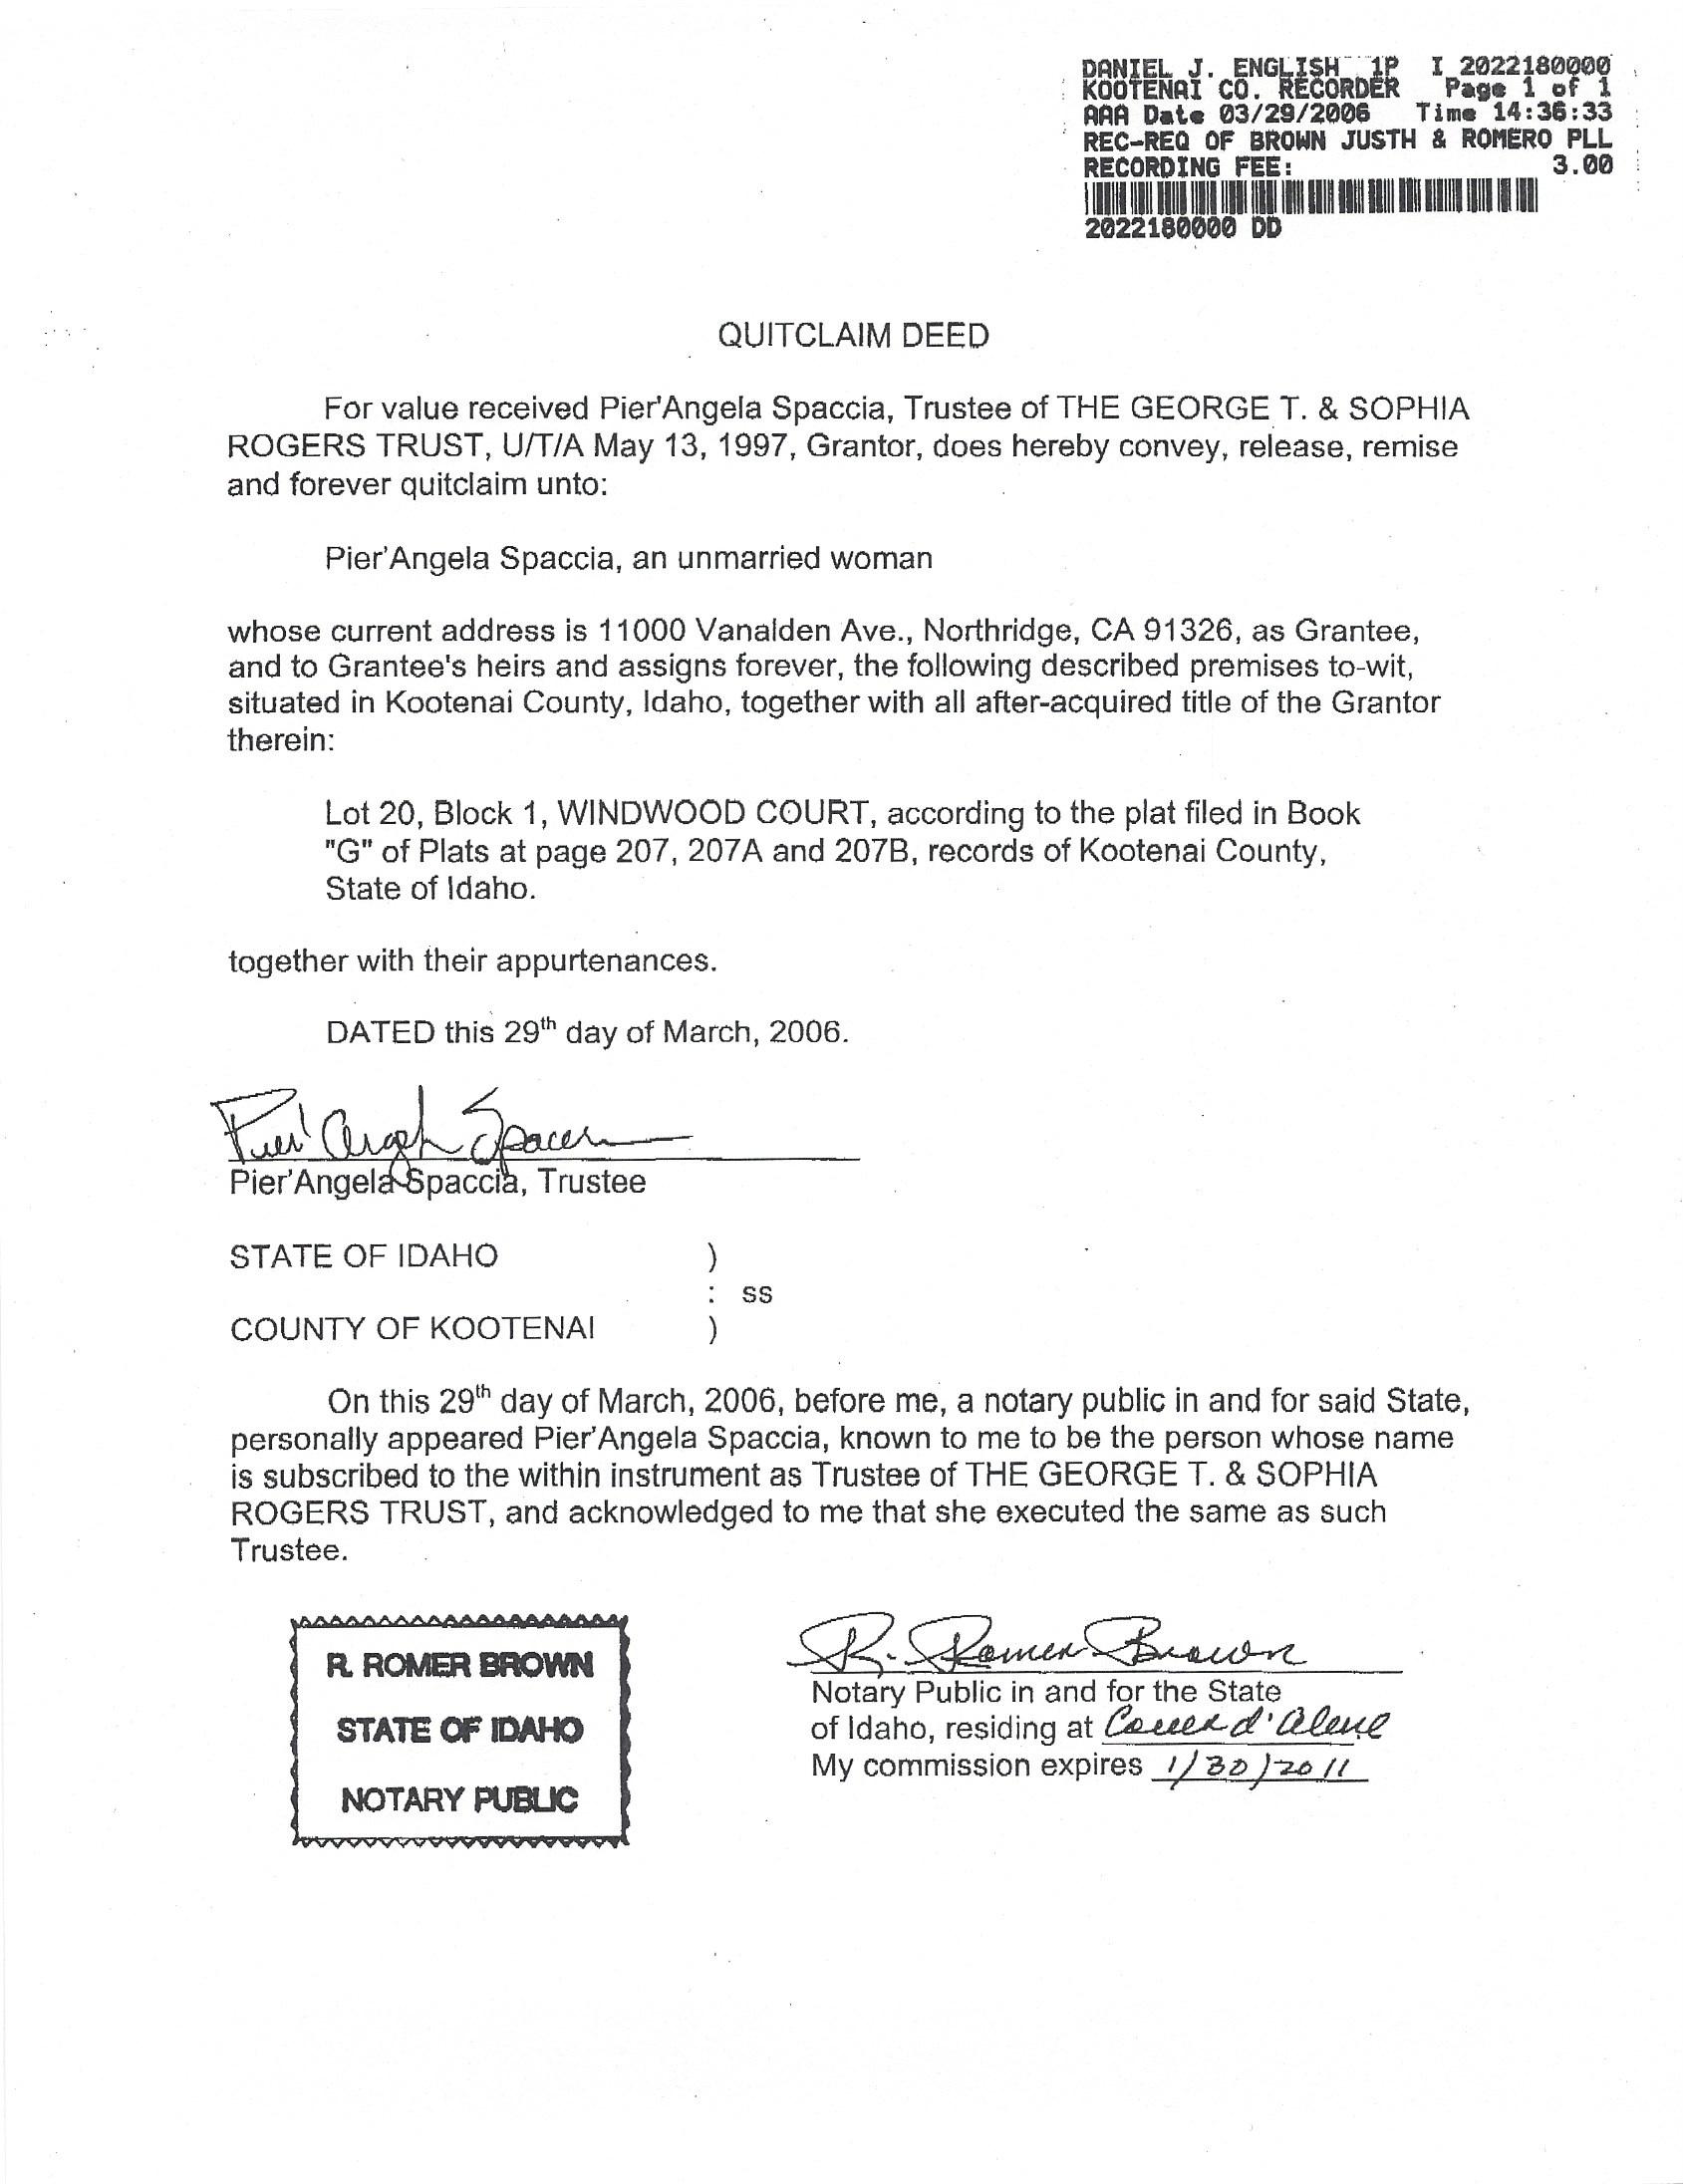 100 get quit claim deed california quitclaim deed